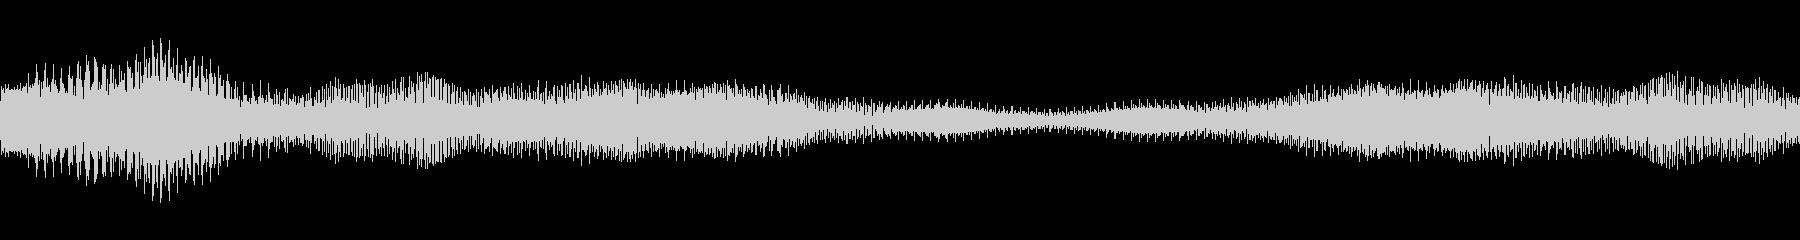 スティンガーレーザーSci Fiの未再生の波形